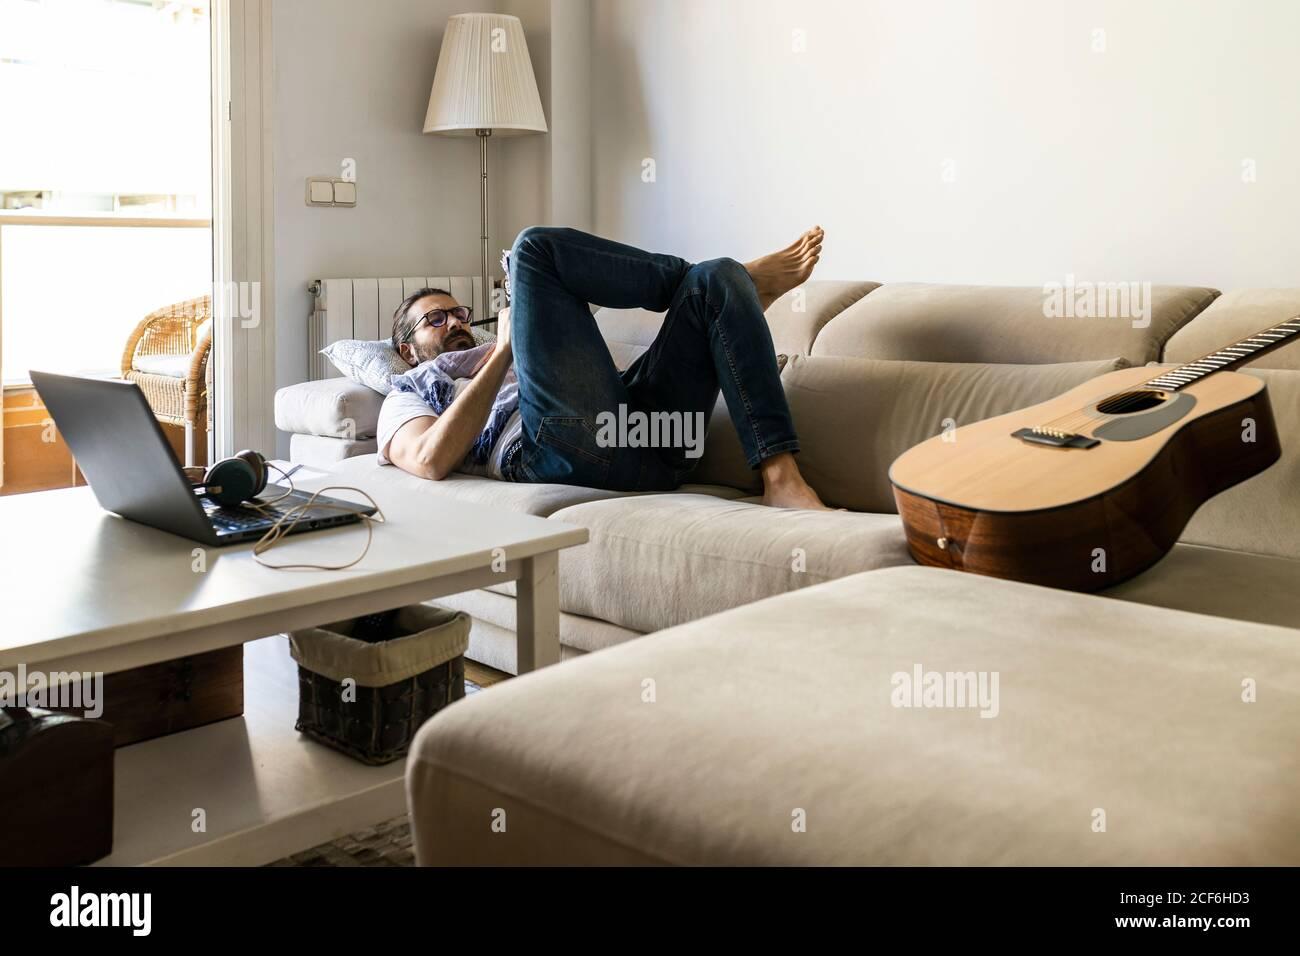 Mann schreibt Notizen auf der Couch im gemütlichen Wohnzimmer Stockfoto